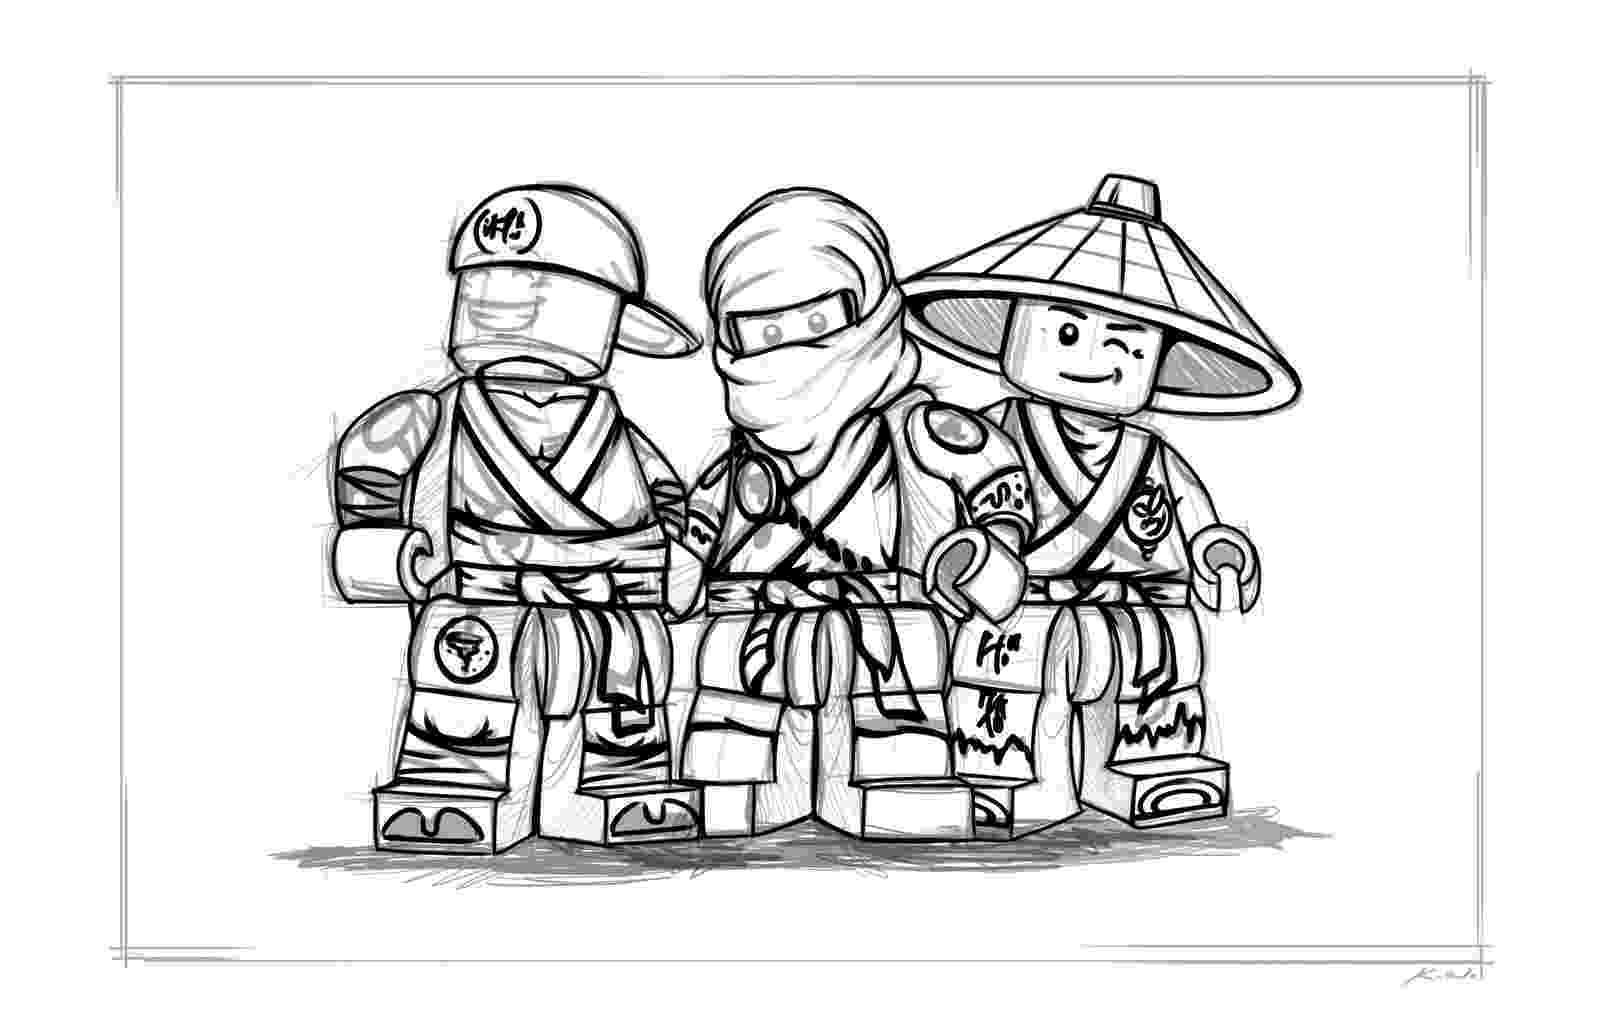 coloring page lego kids page lego ninjago coloring pages lego coloring page